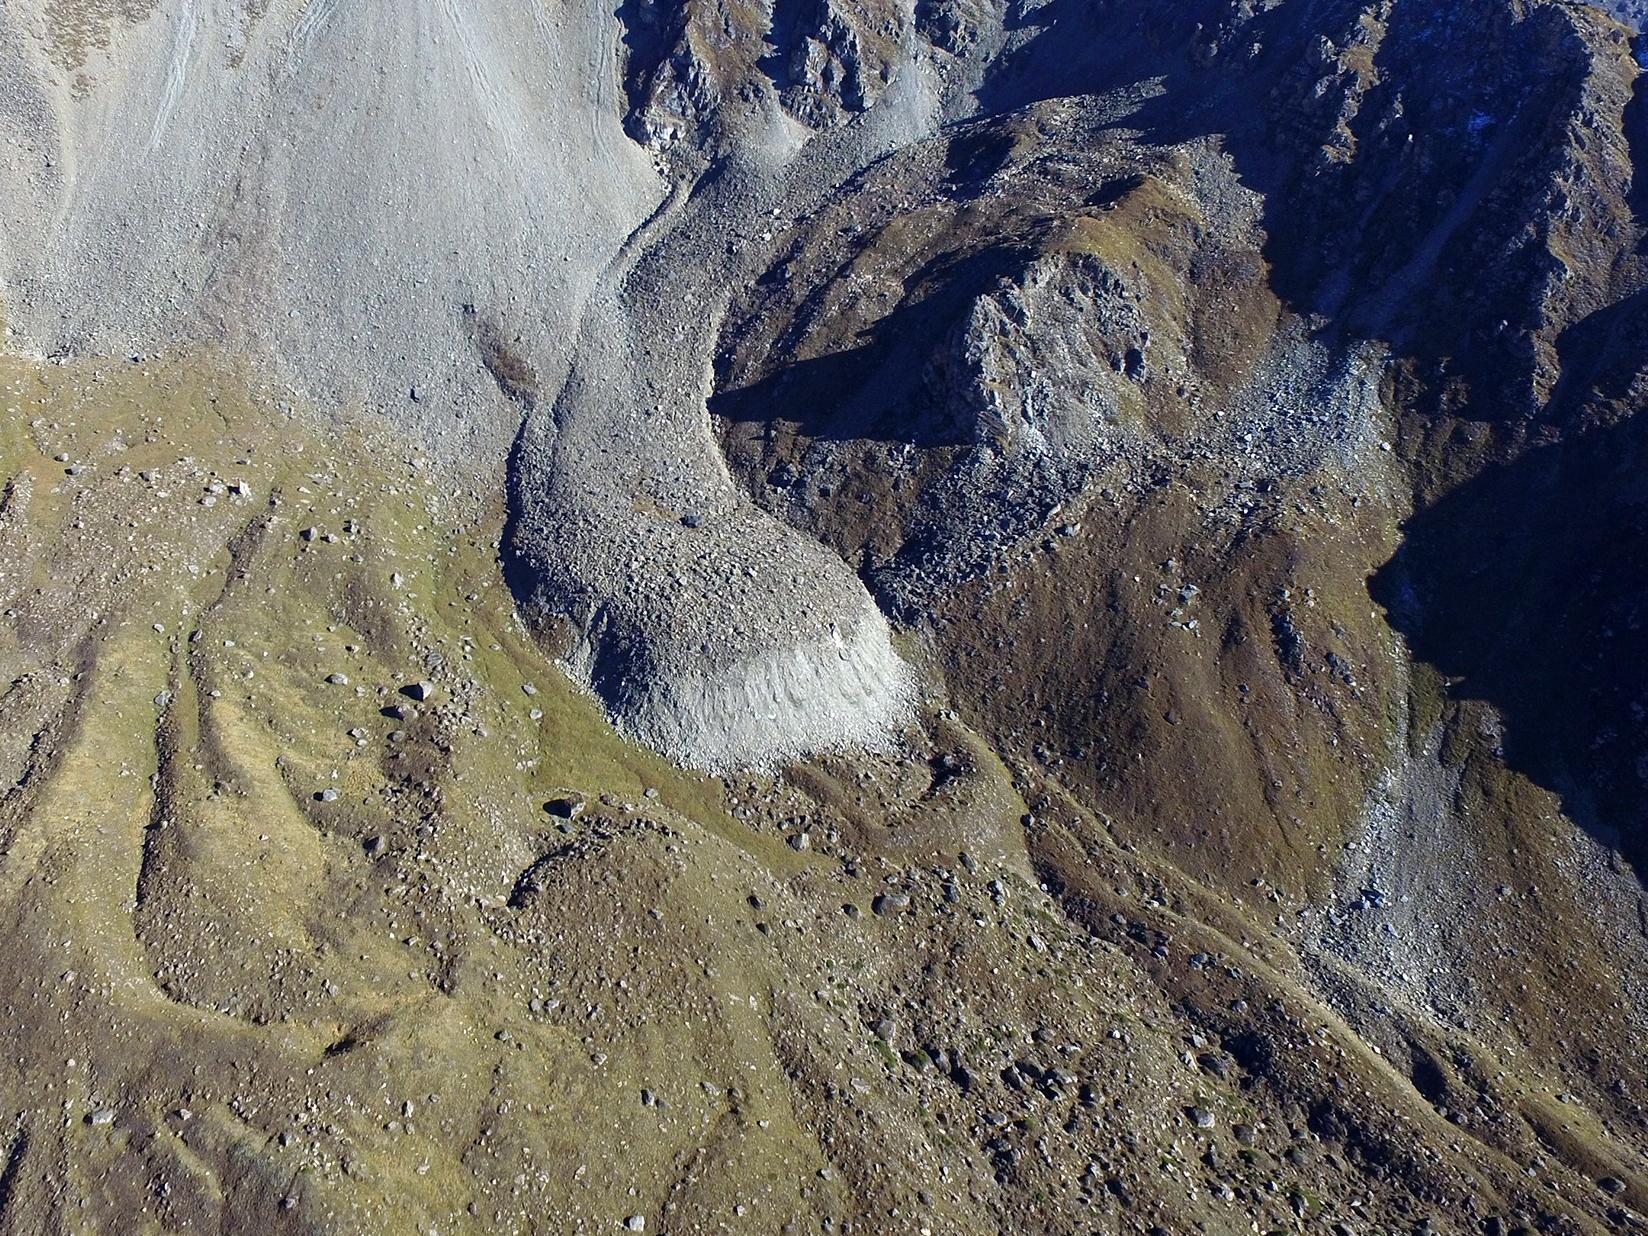 Un workshop international à Evolène afin de définir un standard pour inventorier les glaciers rocheux